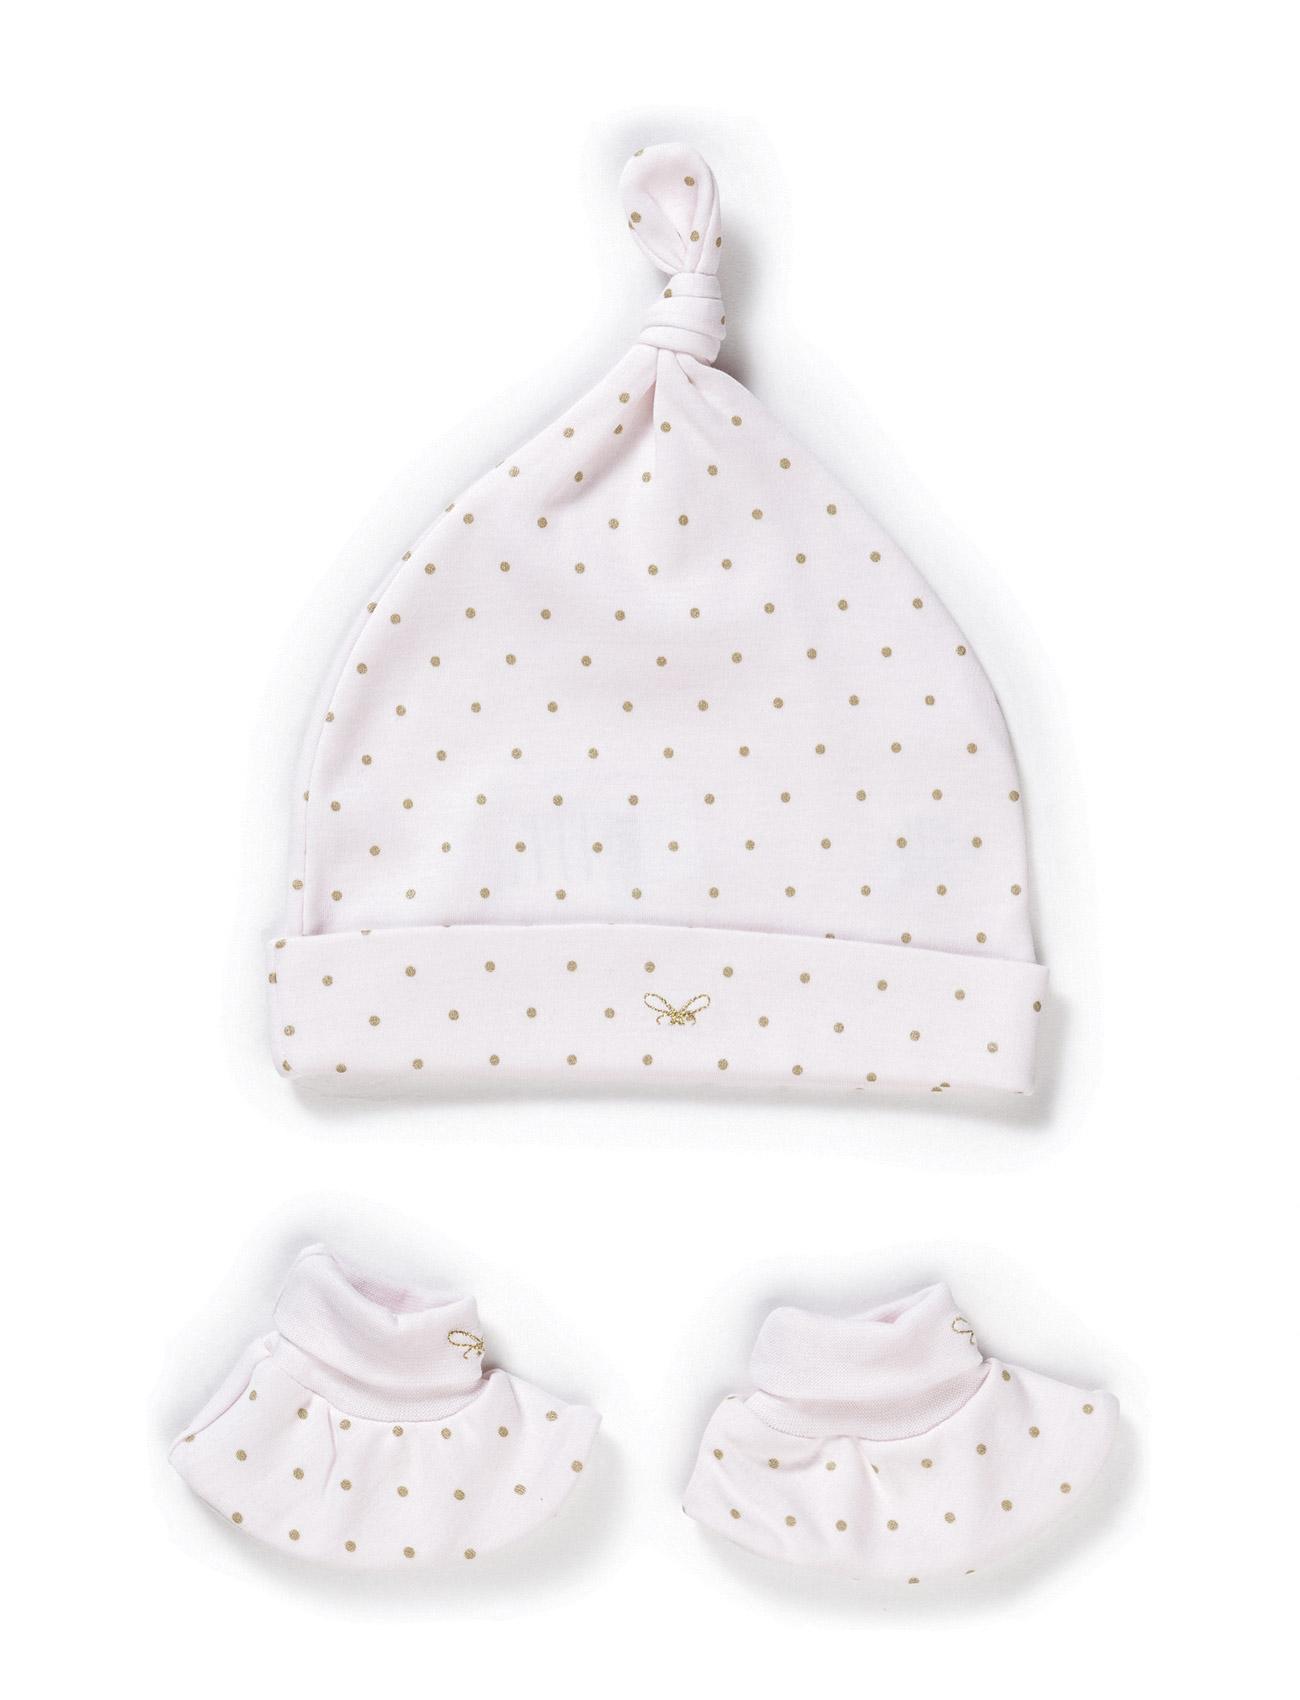 Baby Welcome Kit Livly Hatte & Caps til Børn i